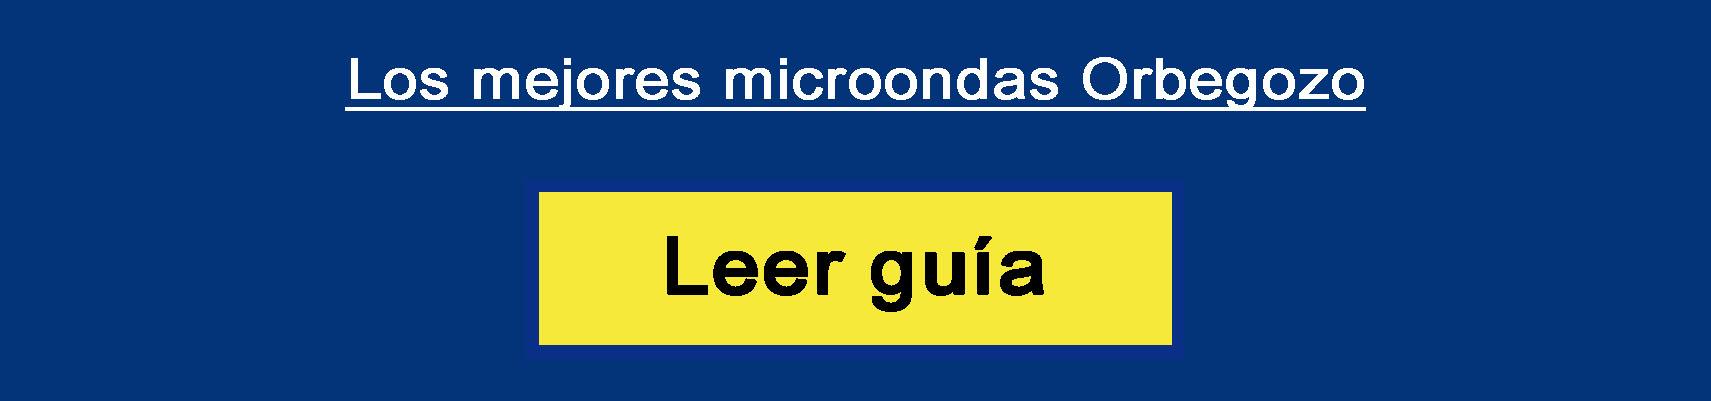 Los mejores microondas Orbegozo